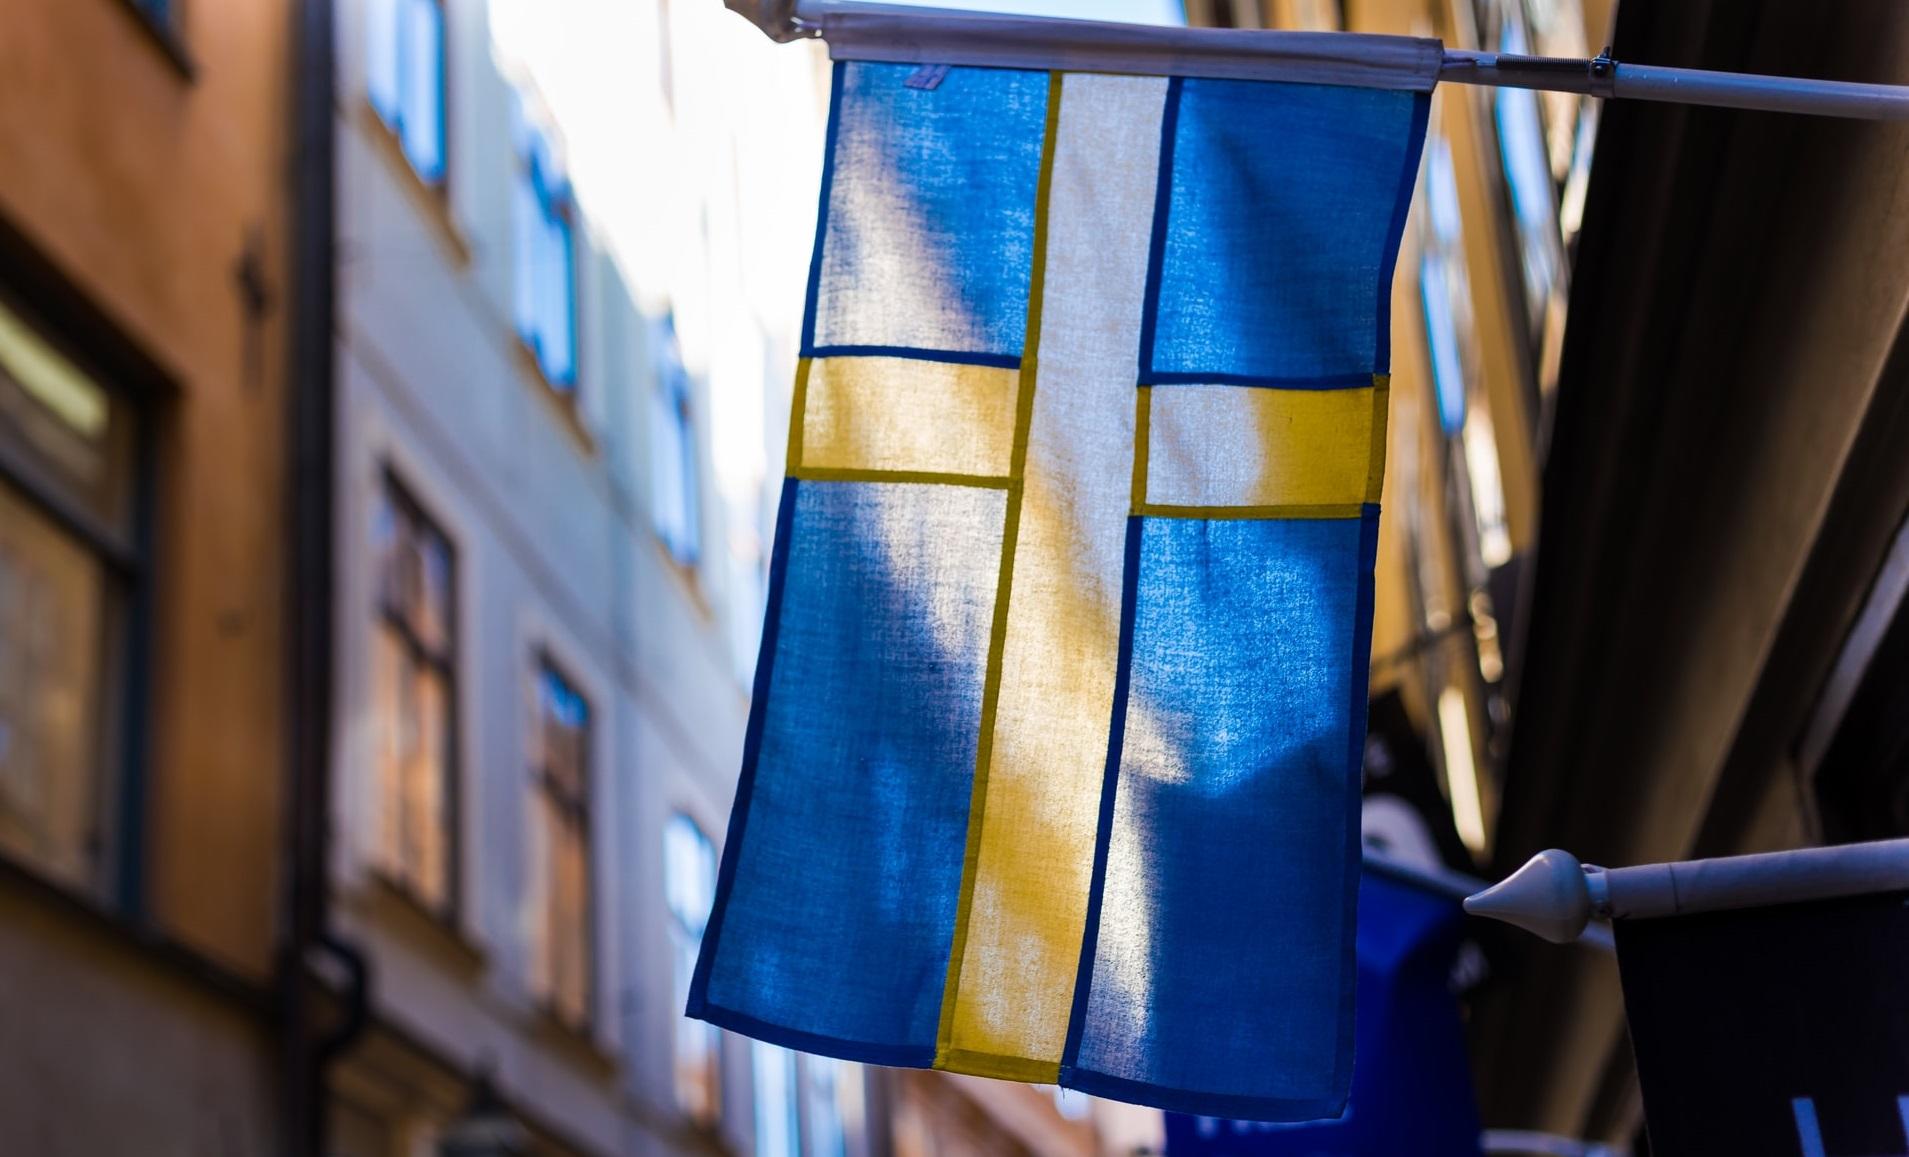 Suedia continuă să relaxeze restricțiile, în timp ce restul țărilor europene le înăspresc